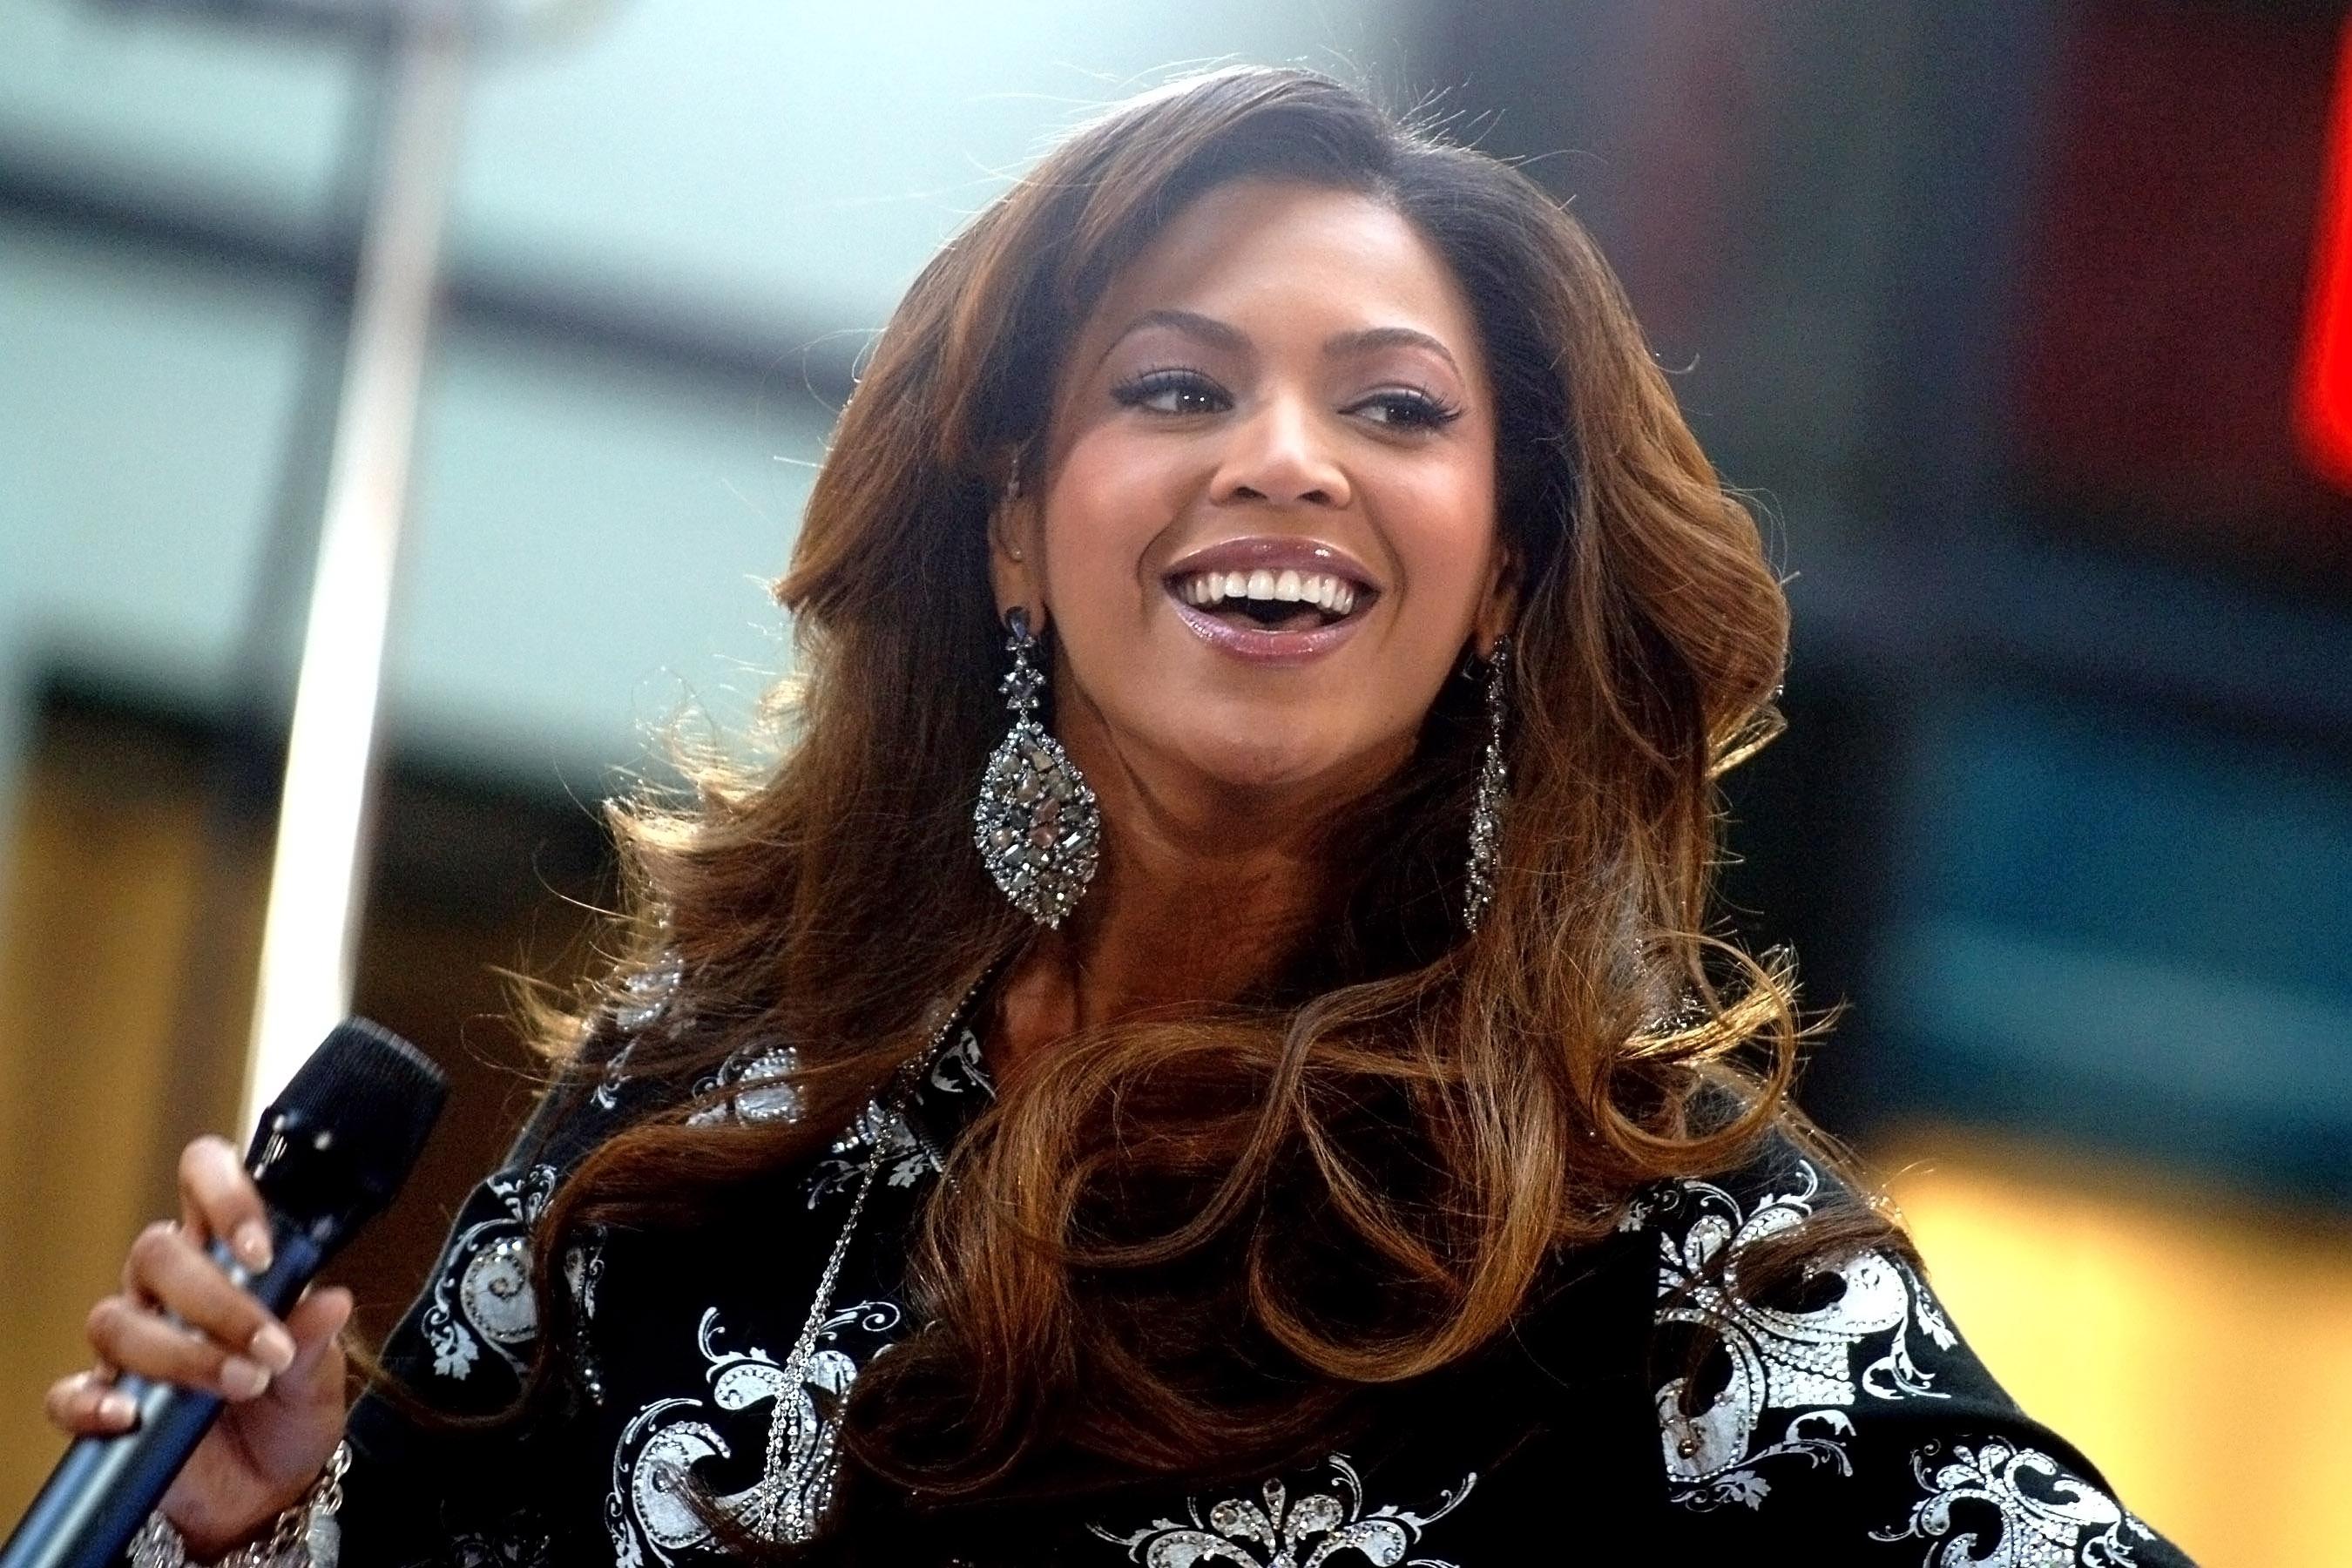 Werd het geslacht van de 'beybeys' van Beyoncé al verklapt?